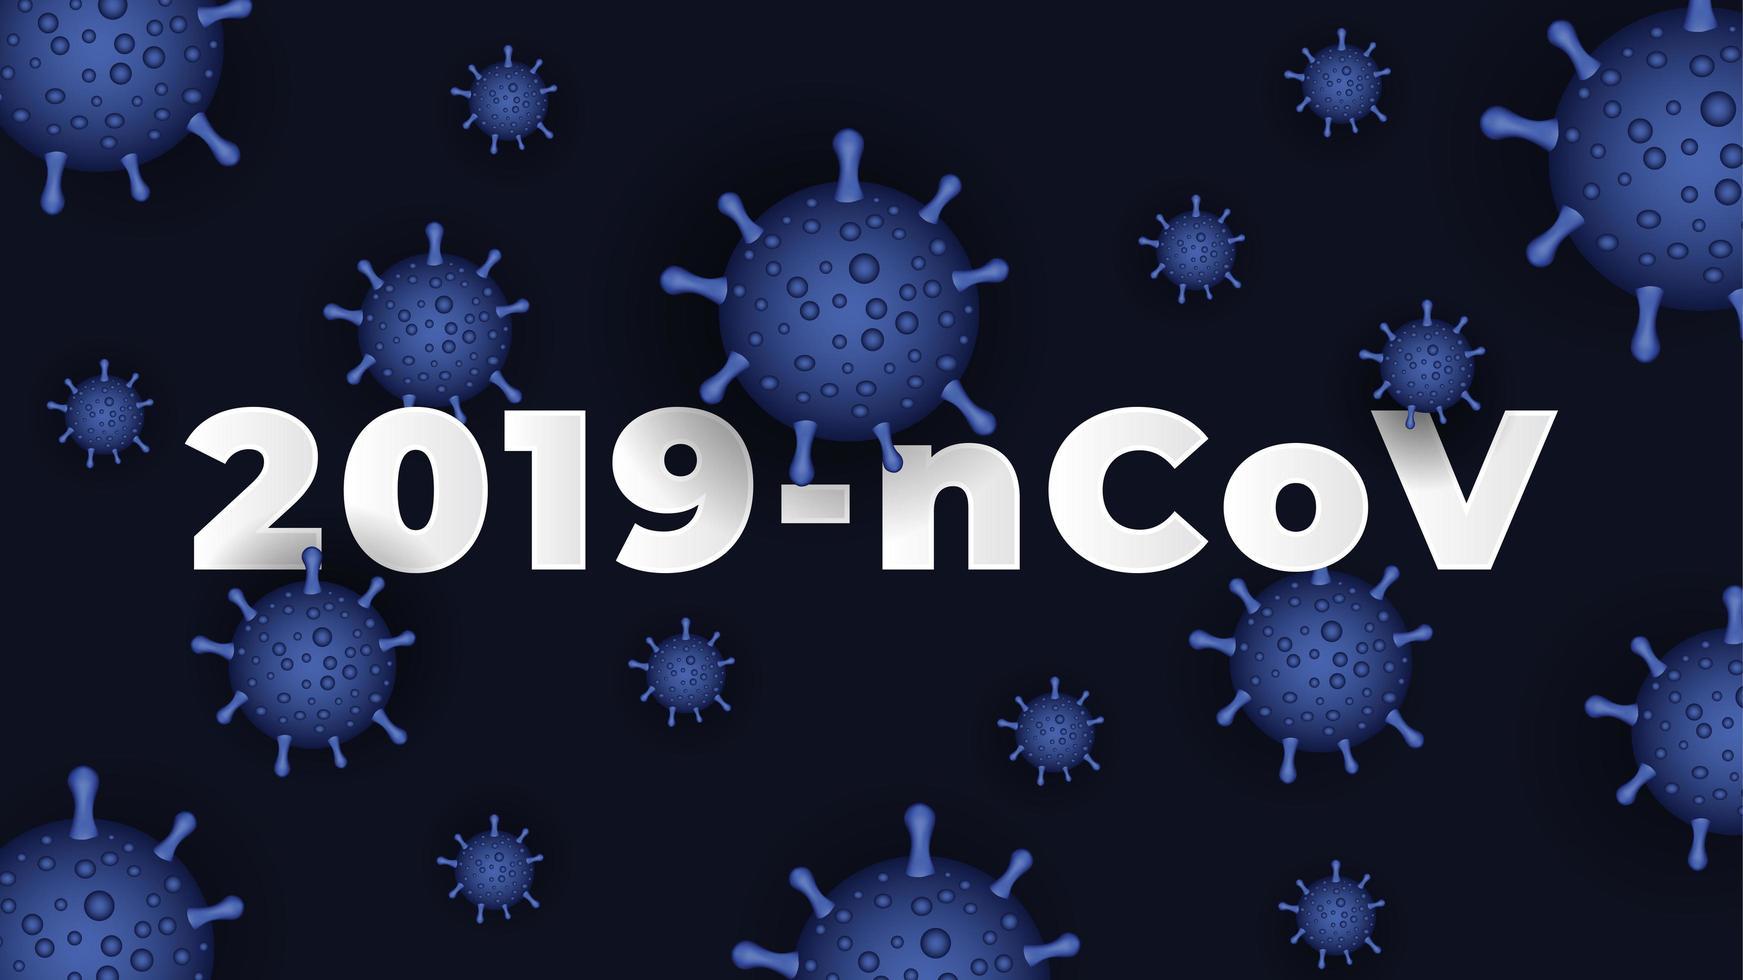 sfondo blu coronavirus covid-19 vettore